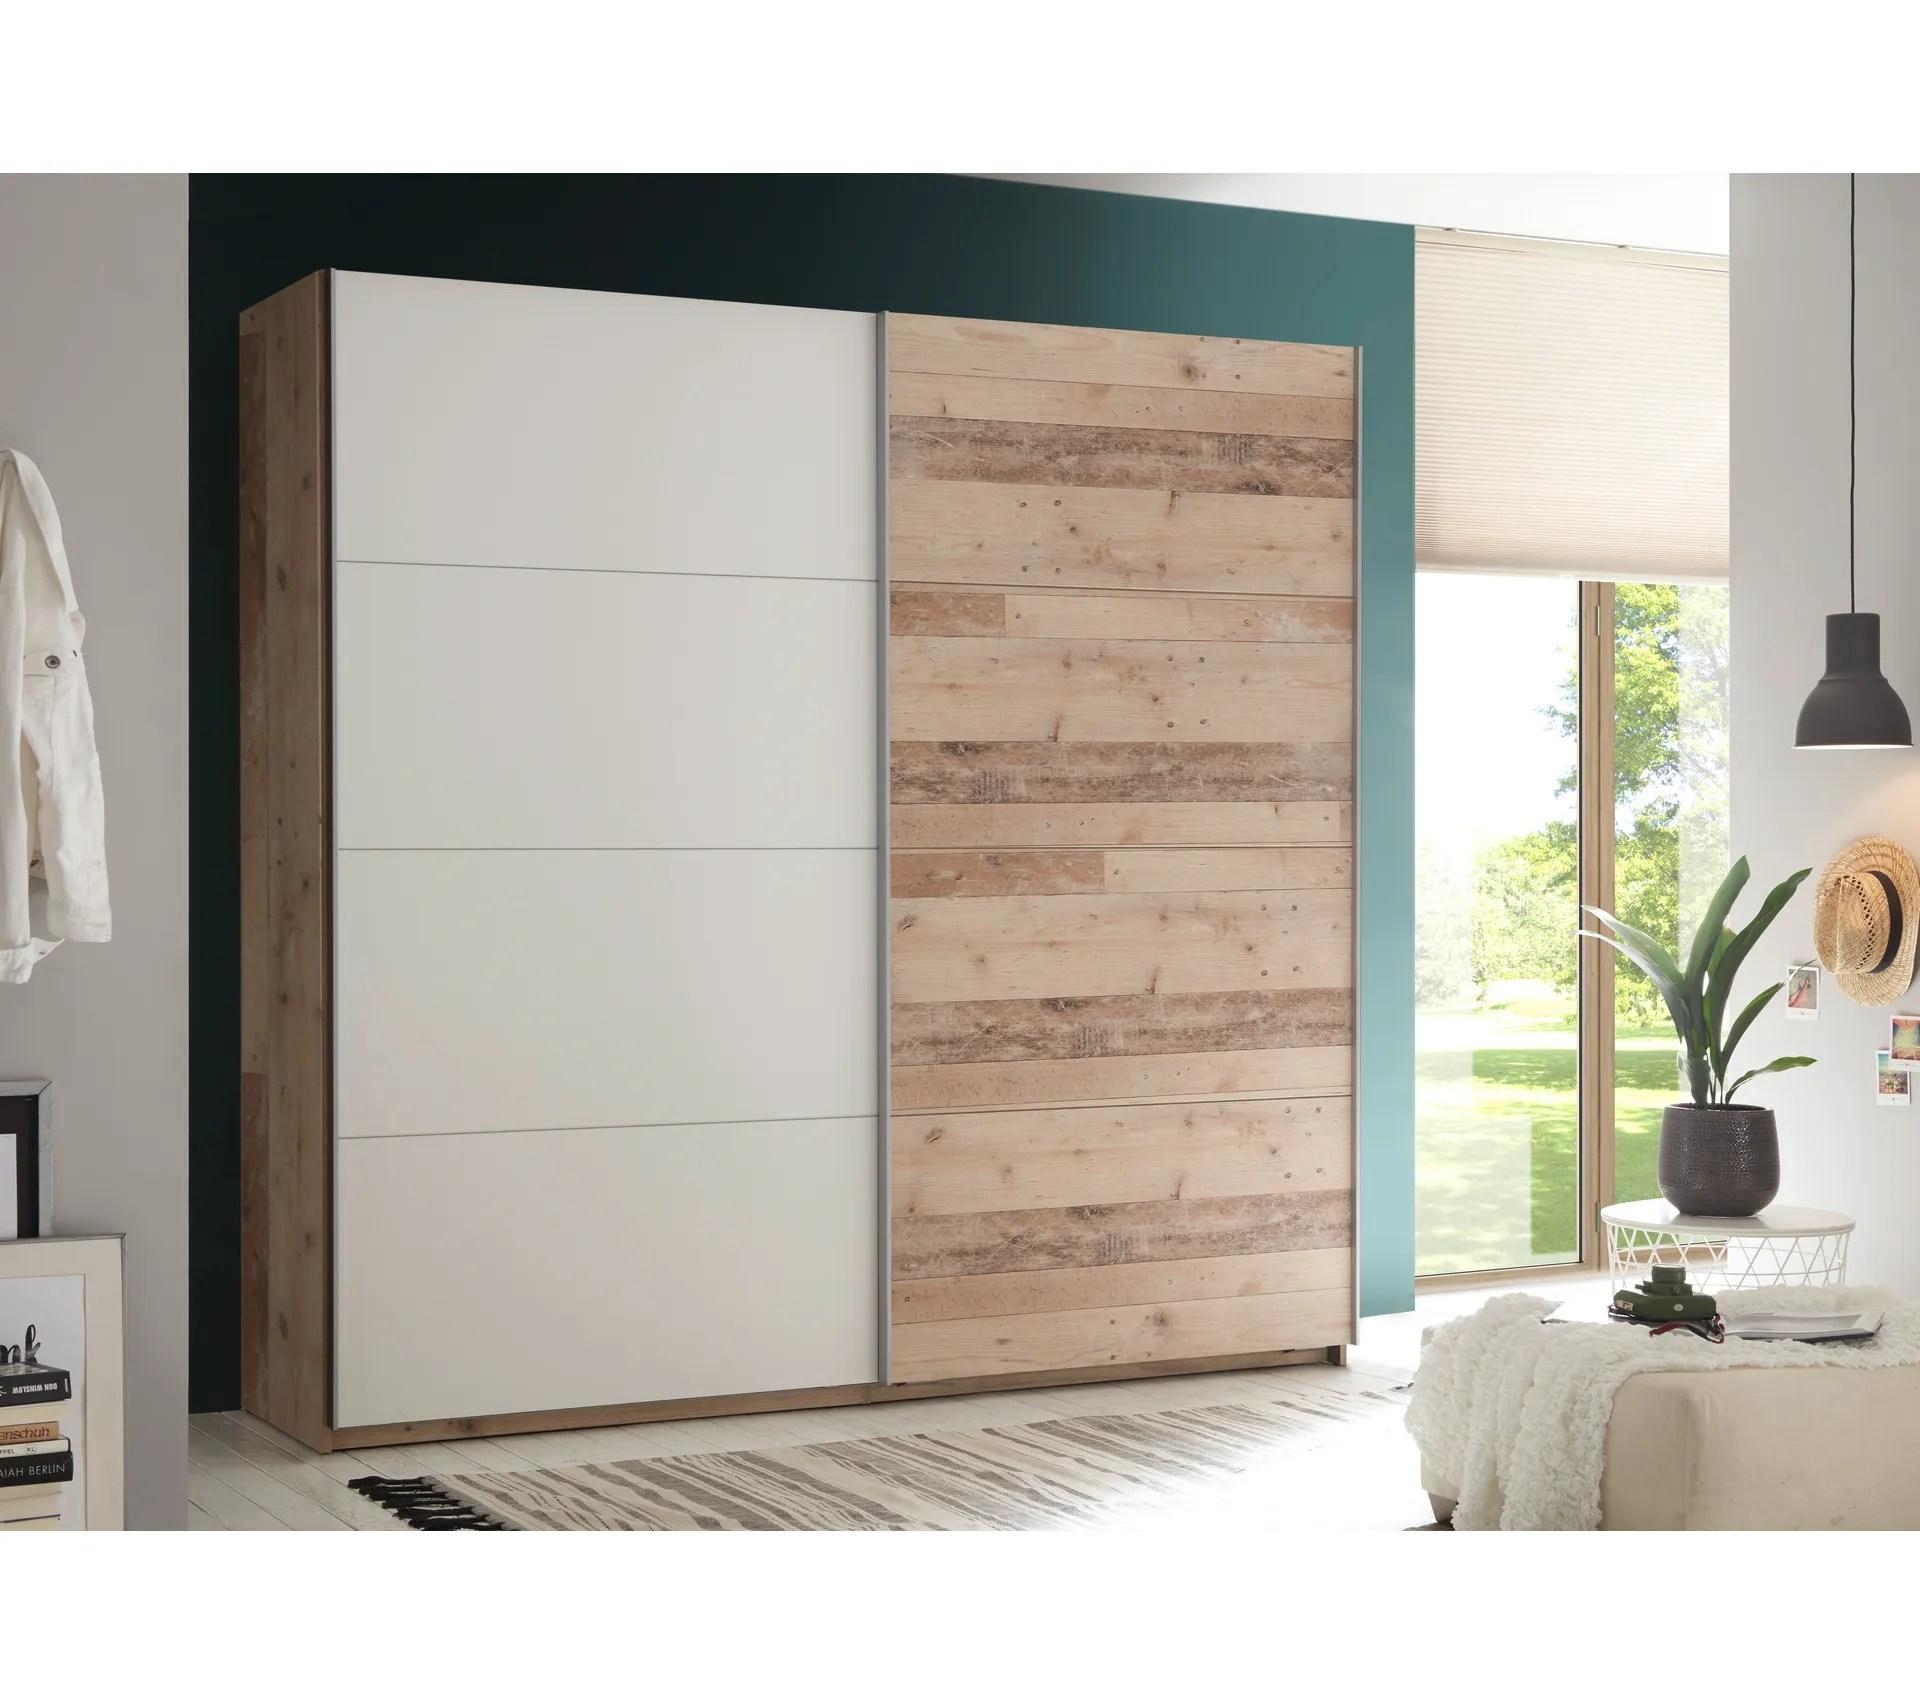 armoire 2 portes coulissantes avec une double penderie sala imitation bois et blanc